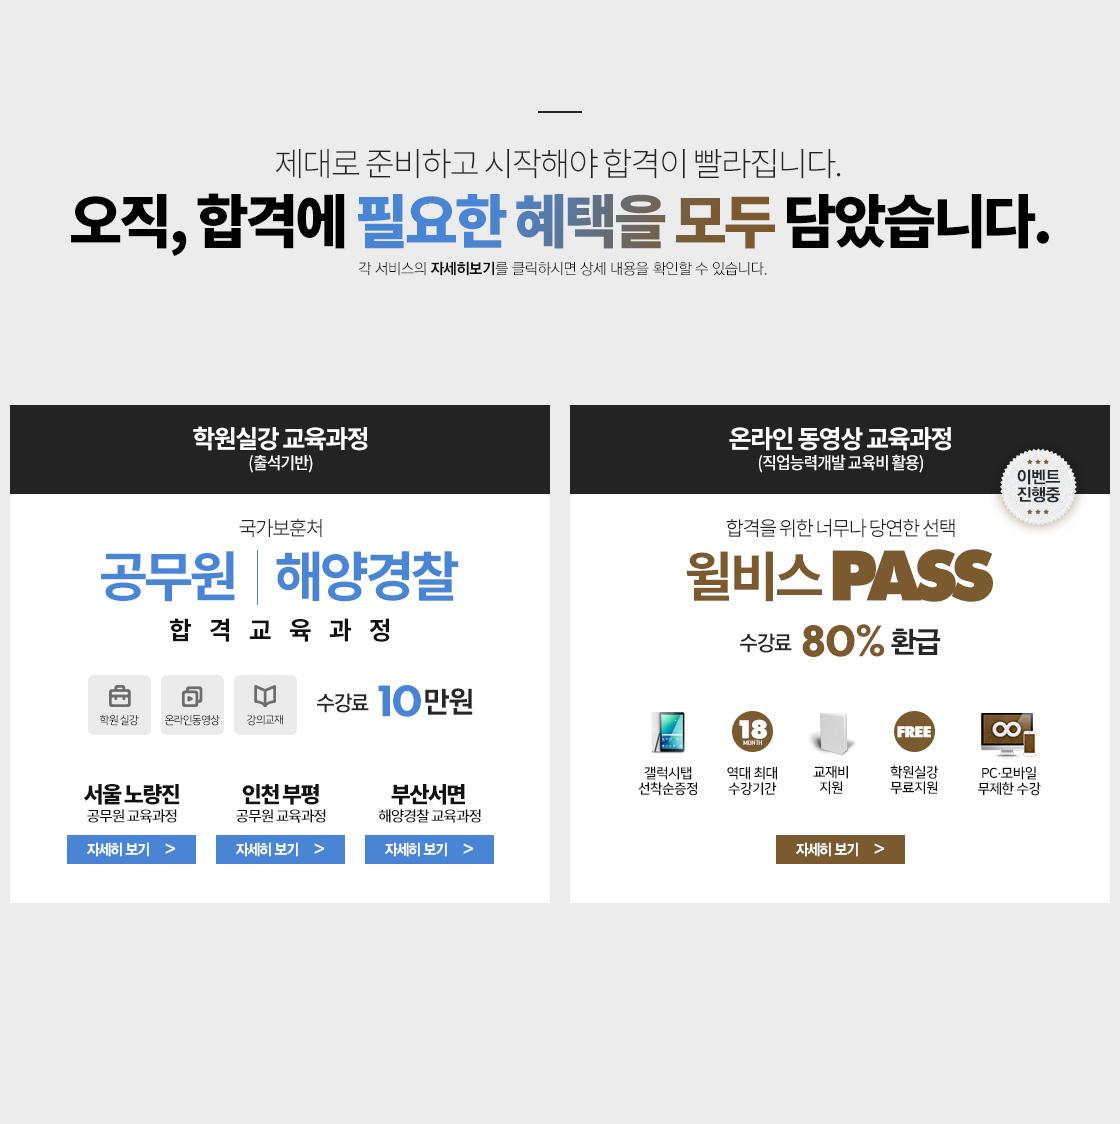 학원실강/온라인동영상 교육과정